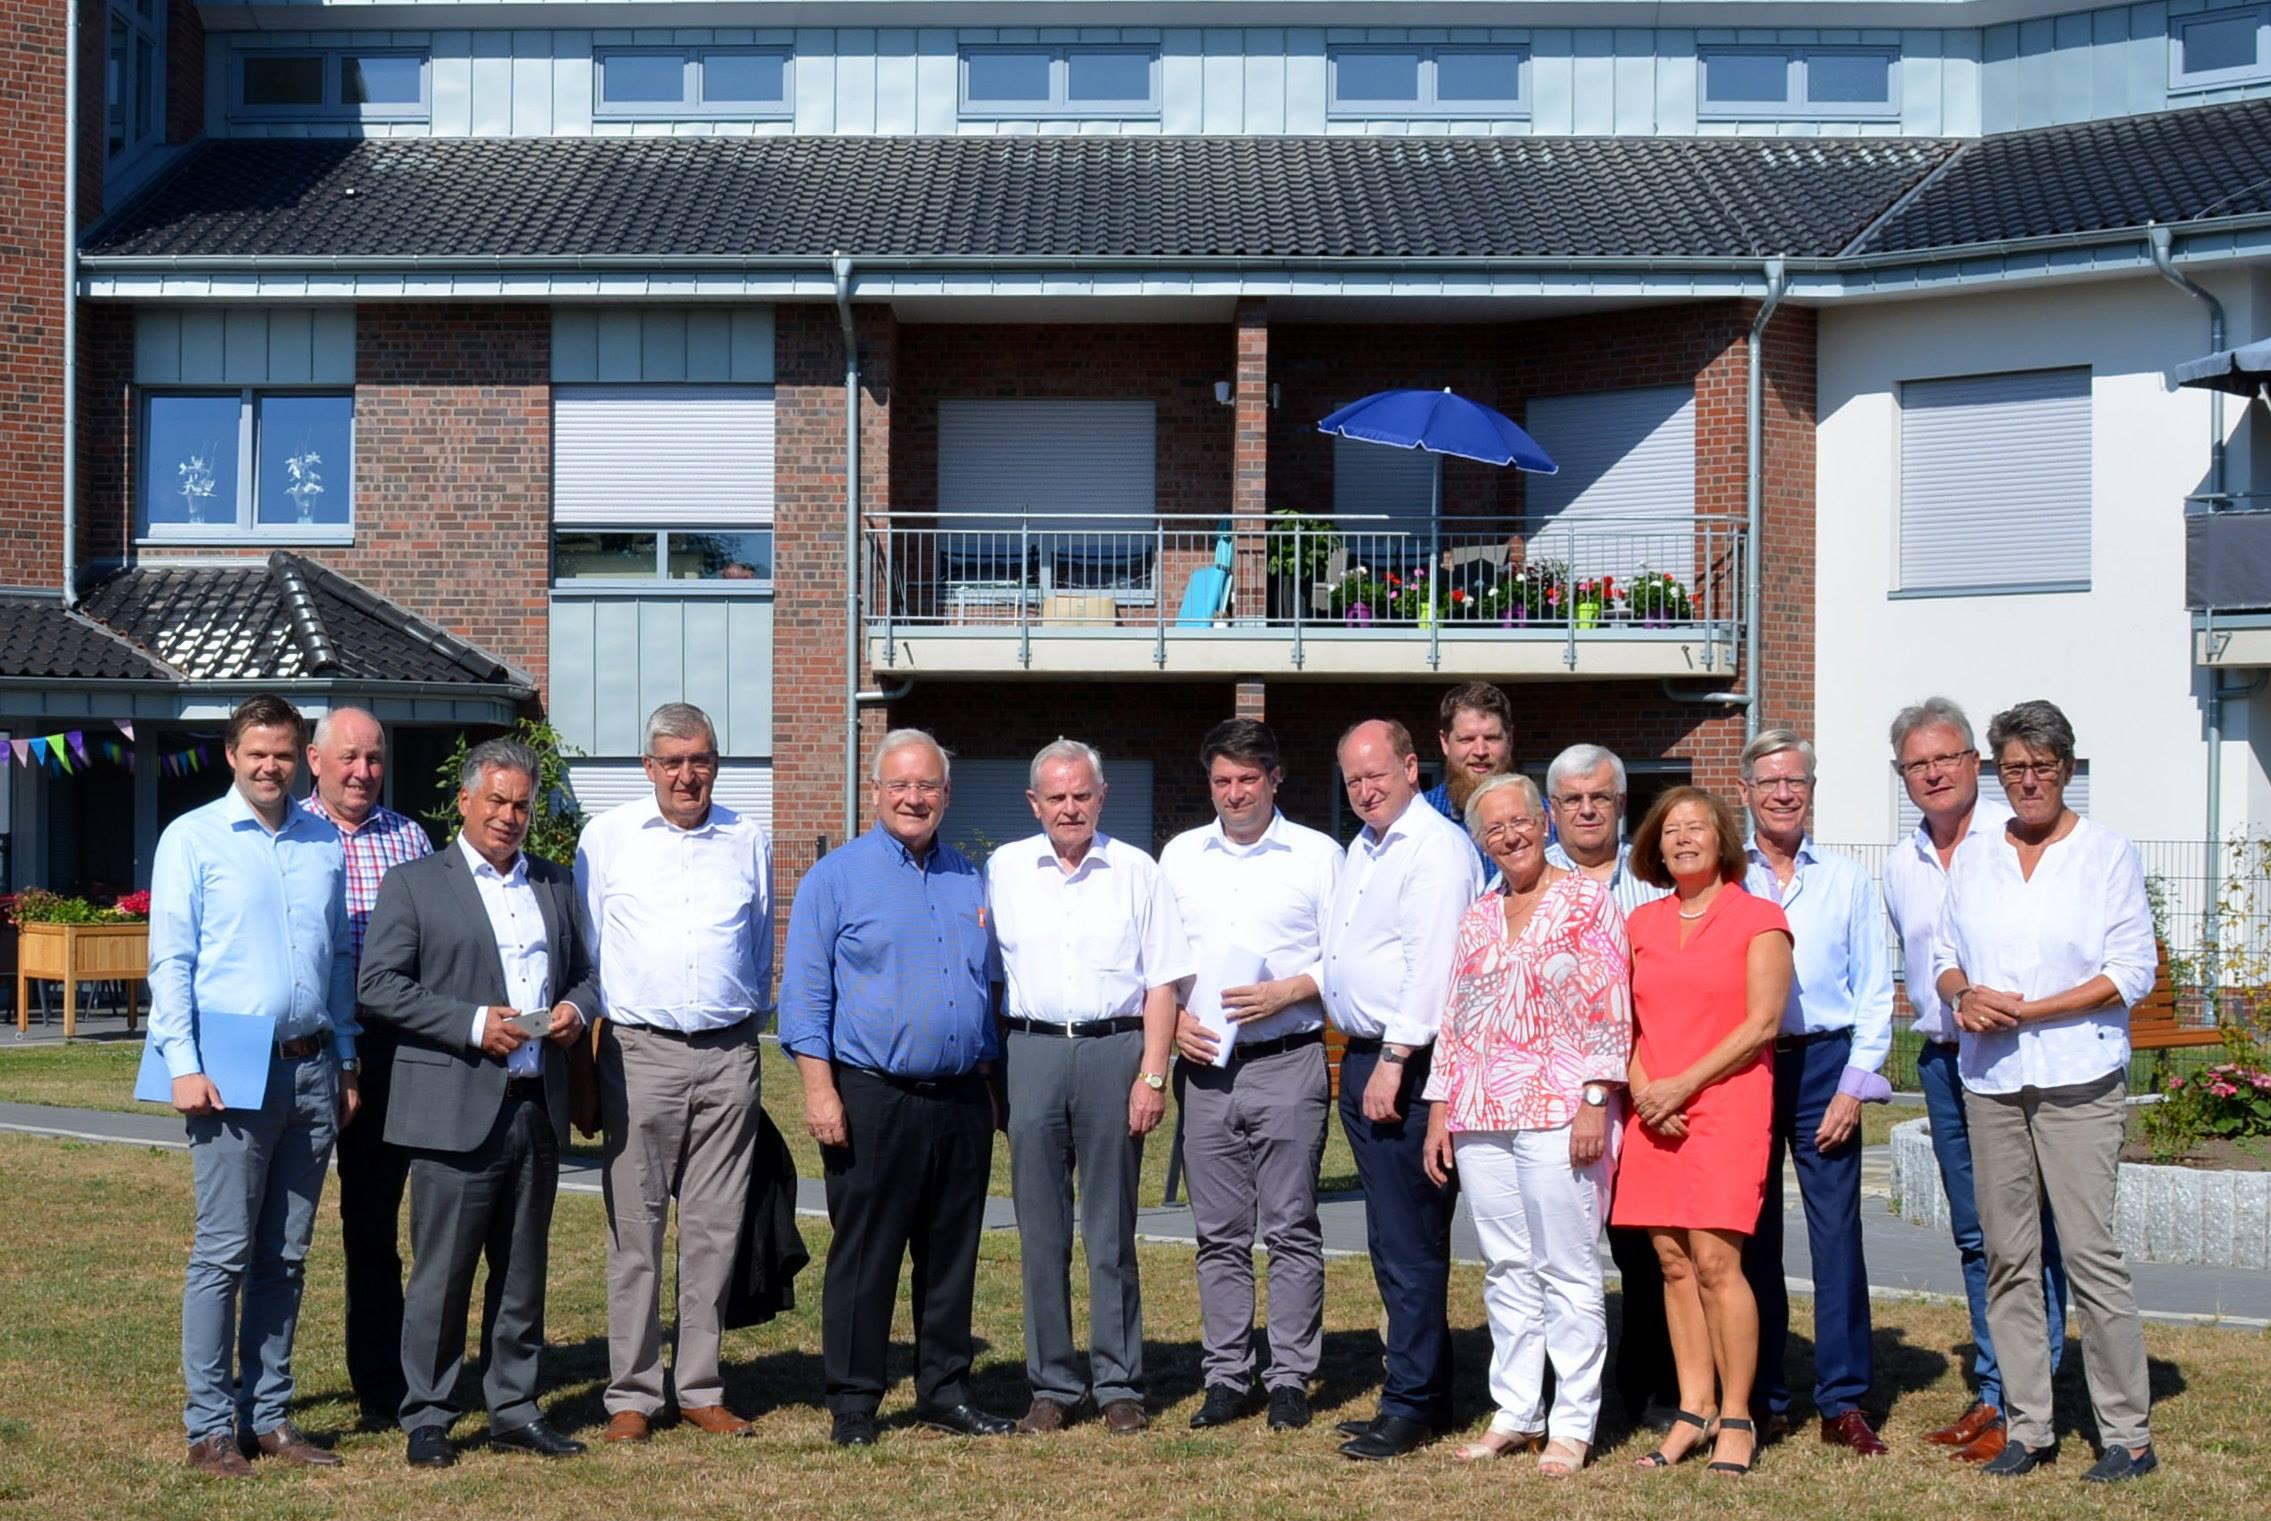 Besuch im Dorfgemeinschaftshaus Merzen: Die CDU-Landtagsabgeordneten aus Stadt und Landkreis Osnabrück, dem Emsland und der Grafschaft Bentheim machten auf Einladung des örtlichen MdL Christian Calderone im Rahmen ihrer Sommertour Station in Merzen.